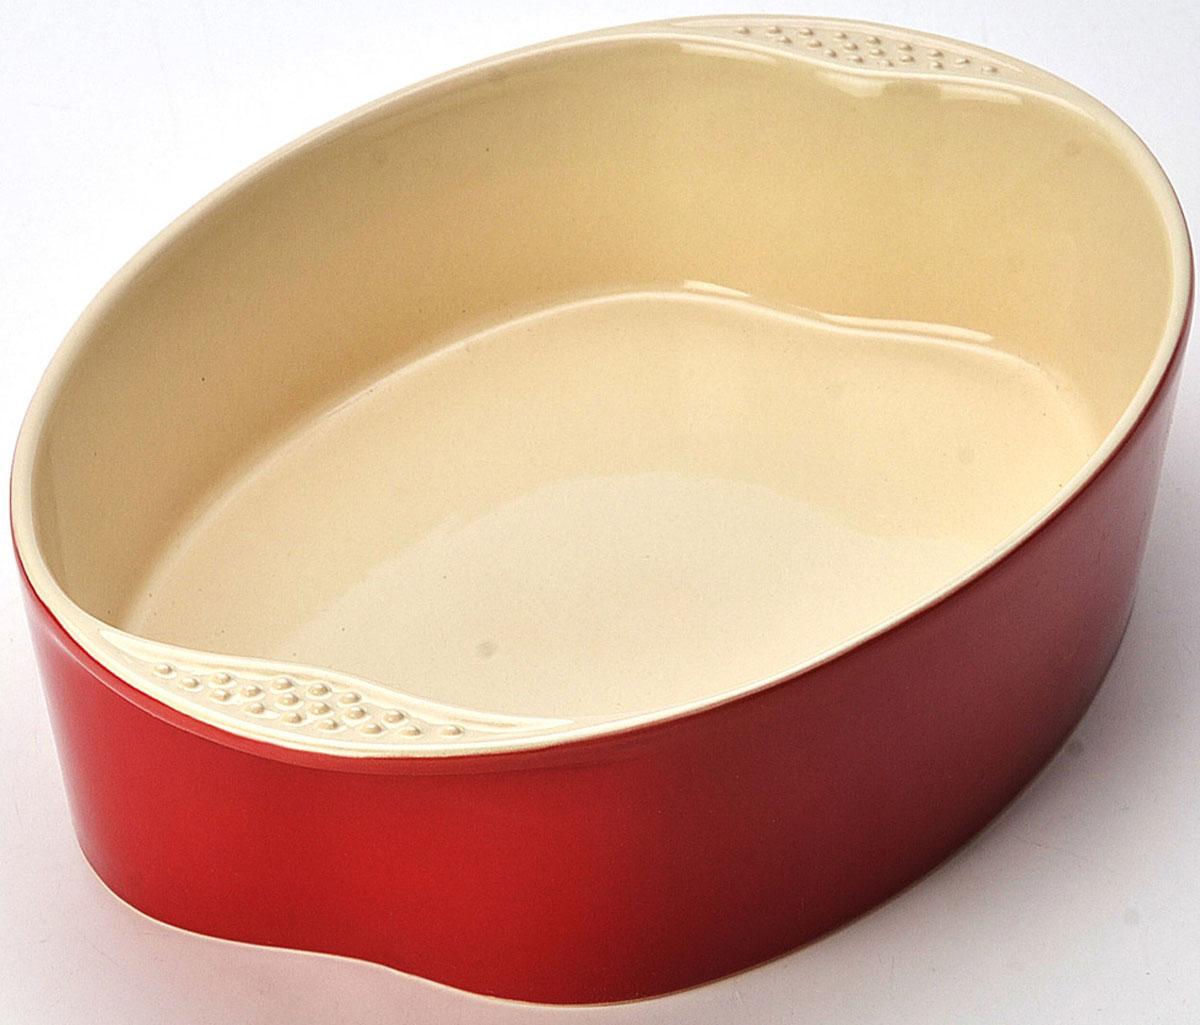 Противень Mayer & Boch, 33,5 х 23 х 7 см. 2176521764Противень изготовлен из керамики, оснащен двумя удобными ручками по бокам. Пища, приготовленная в керамической посуде, сохраняет свои вкусовые качества, и благодаря экологической чистоте материала, не может нанести вред здоровью человека. Керамика - один из самых лучших материалов, который удерживает тепло, медленно и равномерно его распределяет. Максимальный нагрев - 400°С. Подходит для использования в микроволновой, конвекционной печи и духовке. Подходит для хранения продуктов в холодильнике и морозильной камере. Не подходит для открытого огня. Можно мыть в посудомоечной машине. материал устойчив к образованию пятен, не пропускает запах. Размер: 33,8 х 23 х 7 см. Толщина стенок: 6 мм. Объем: 2,8 л